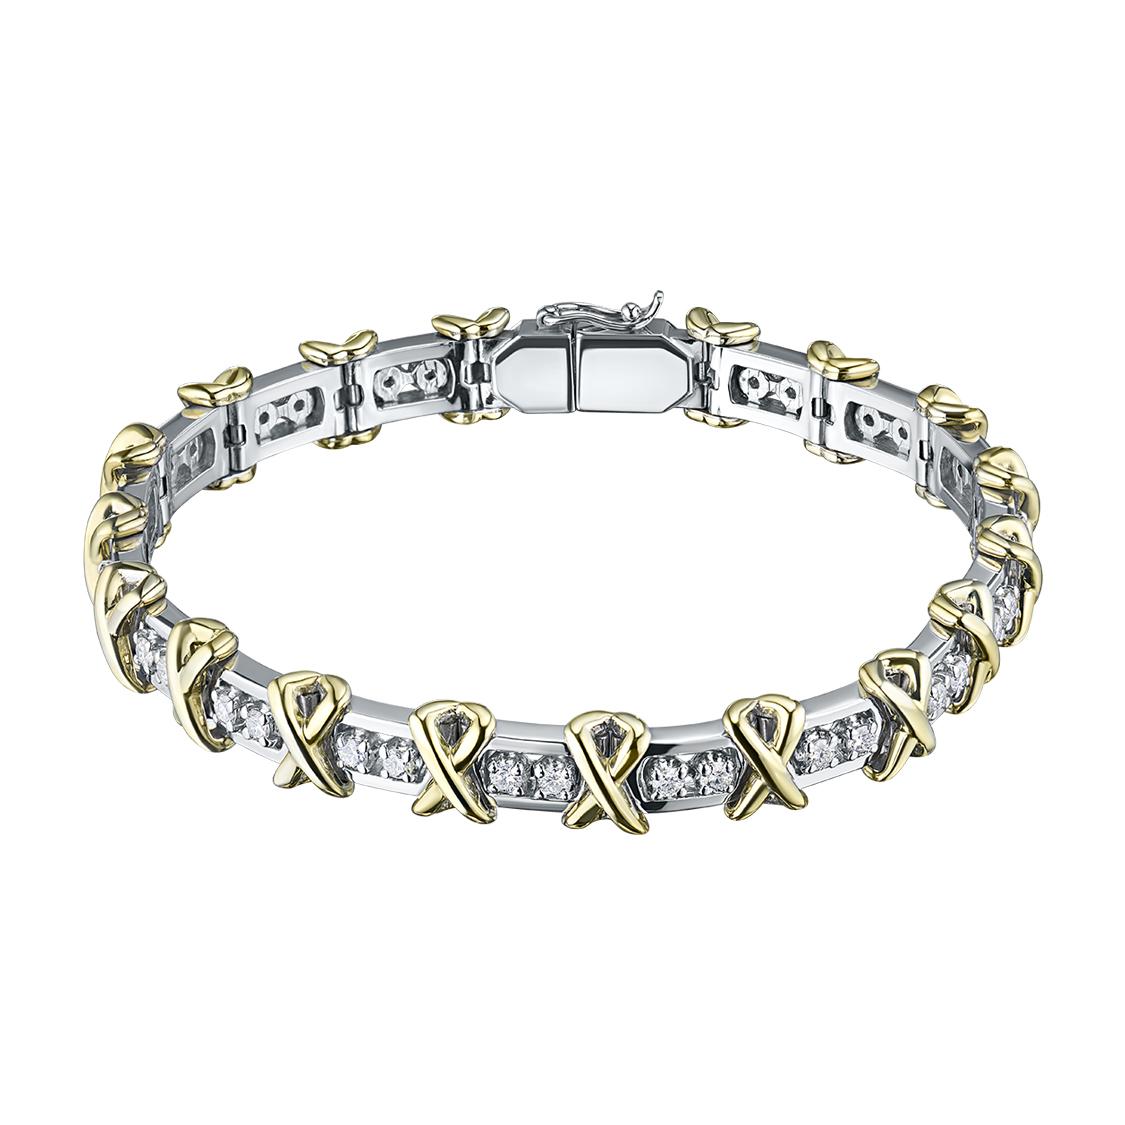 Браслет из комбинированного золота с бриллиантами э10Бр101627